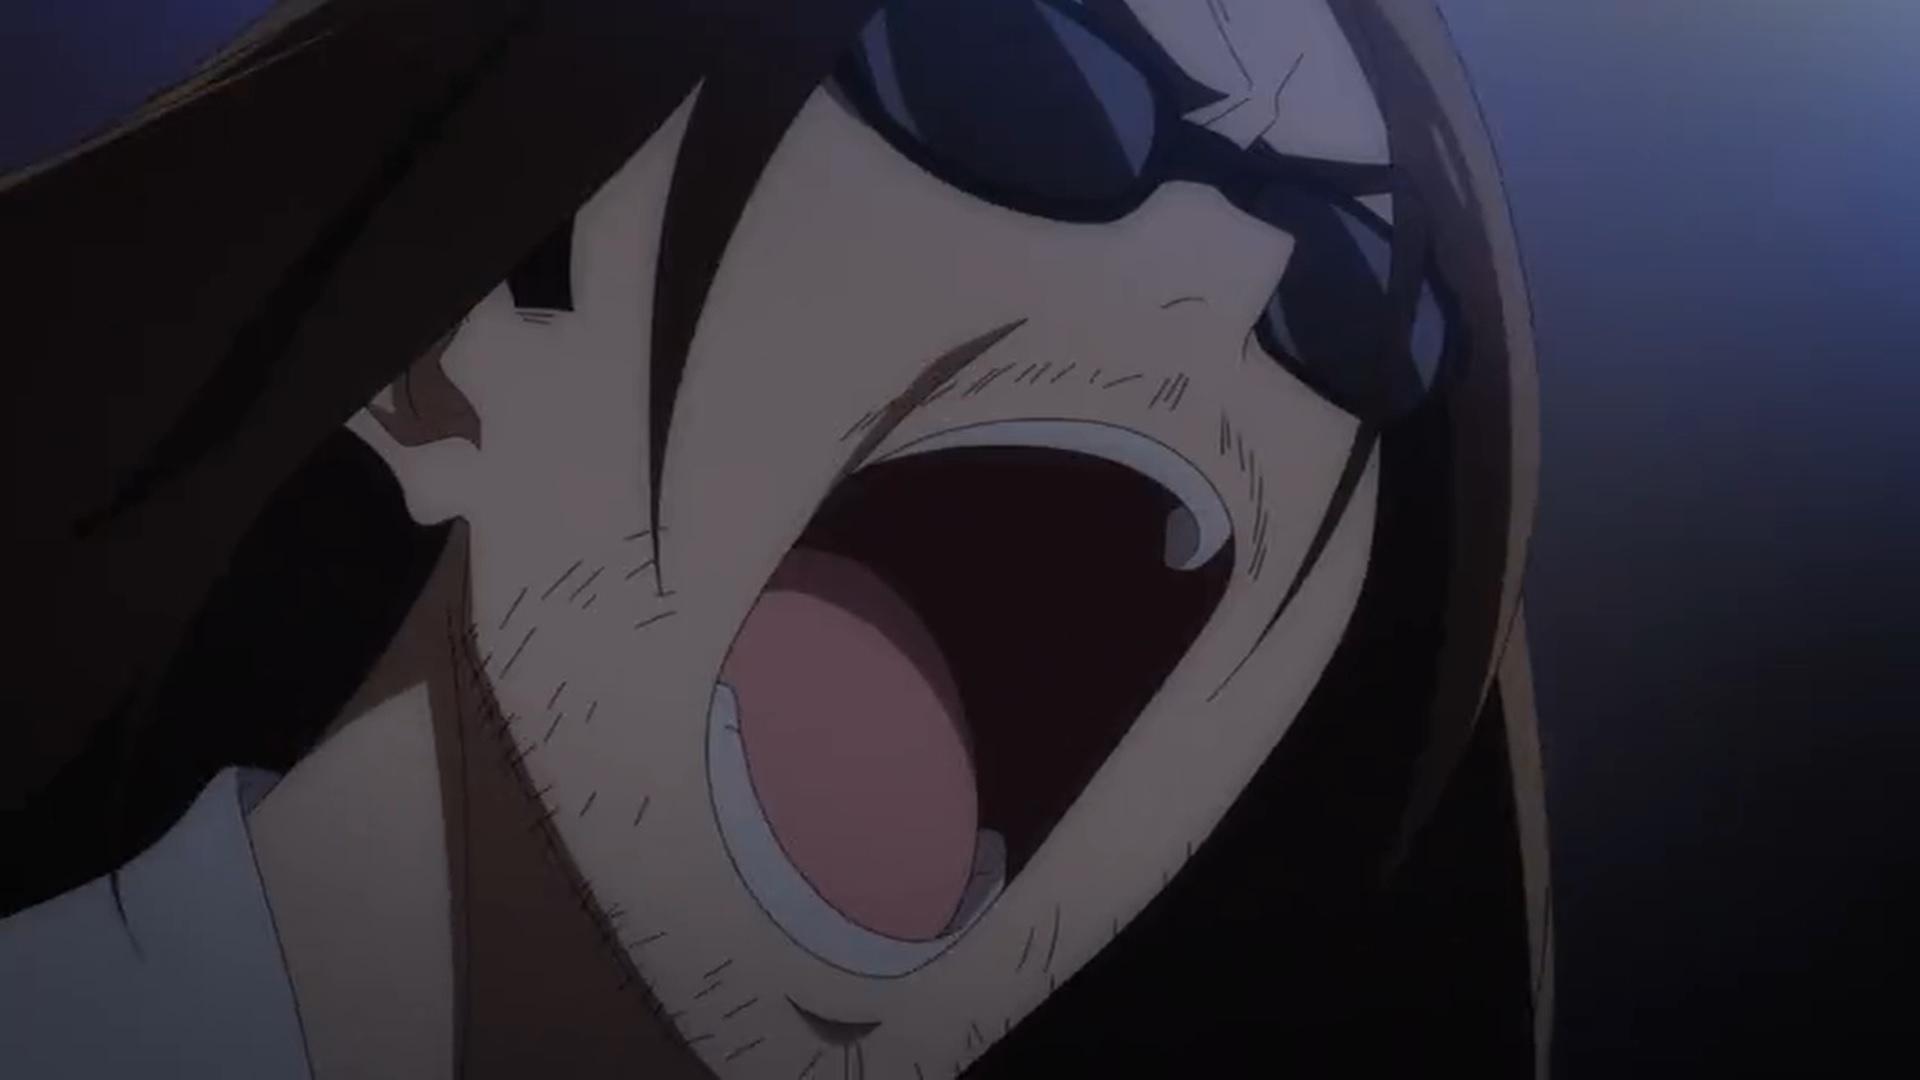 『ゾンビランドサガ2期』の第1話ネタバレ・あらすじ・感想